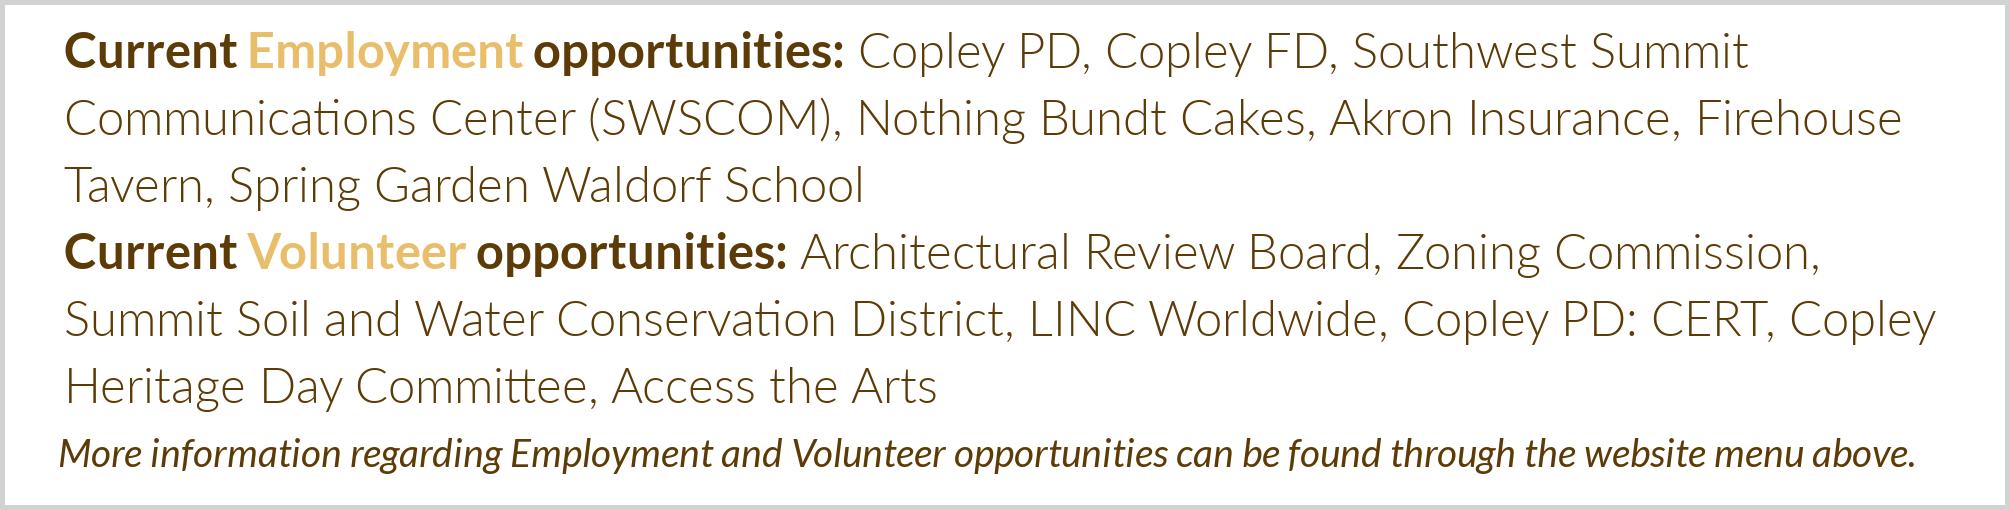 Volunteer and Employment Opportunities